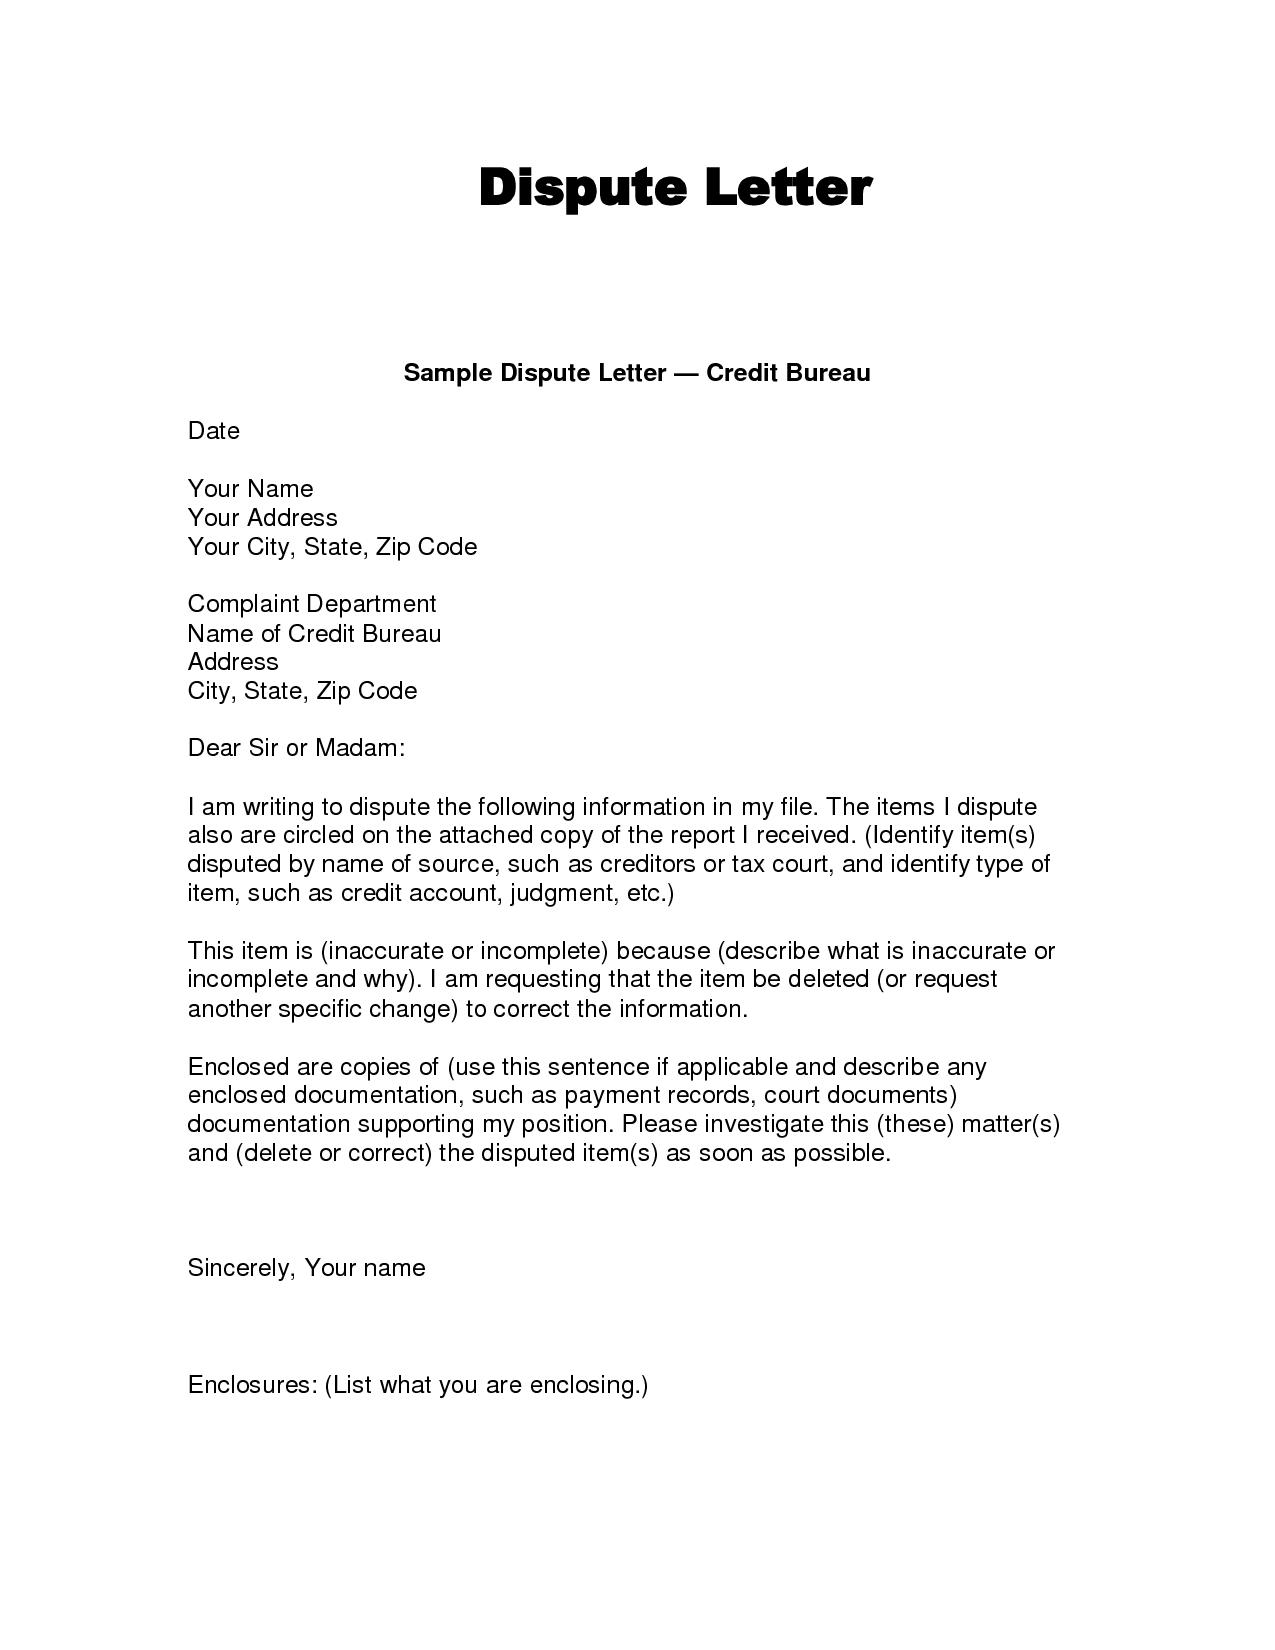 Writing Dispute Letter Format   Credit Bureaus, Lettering With Credit Report Dispute Letter Template